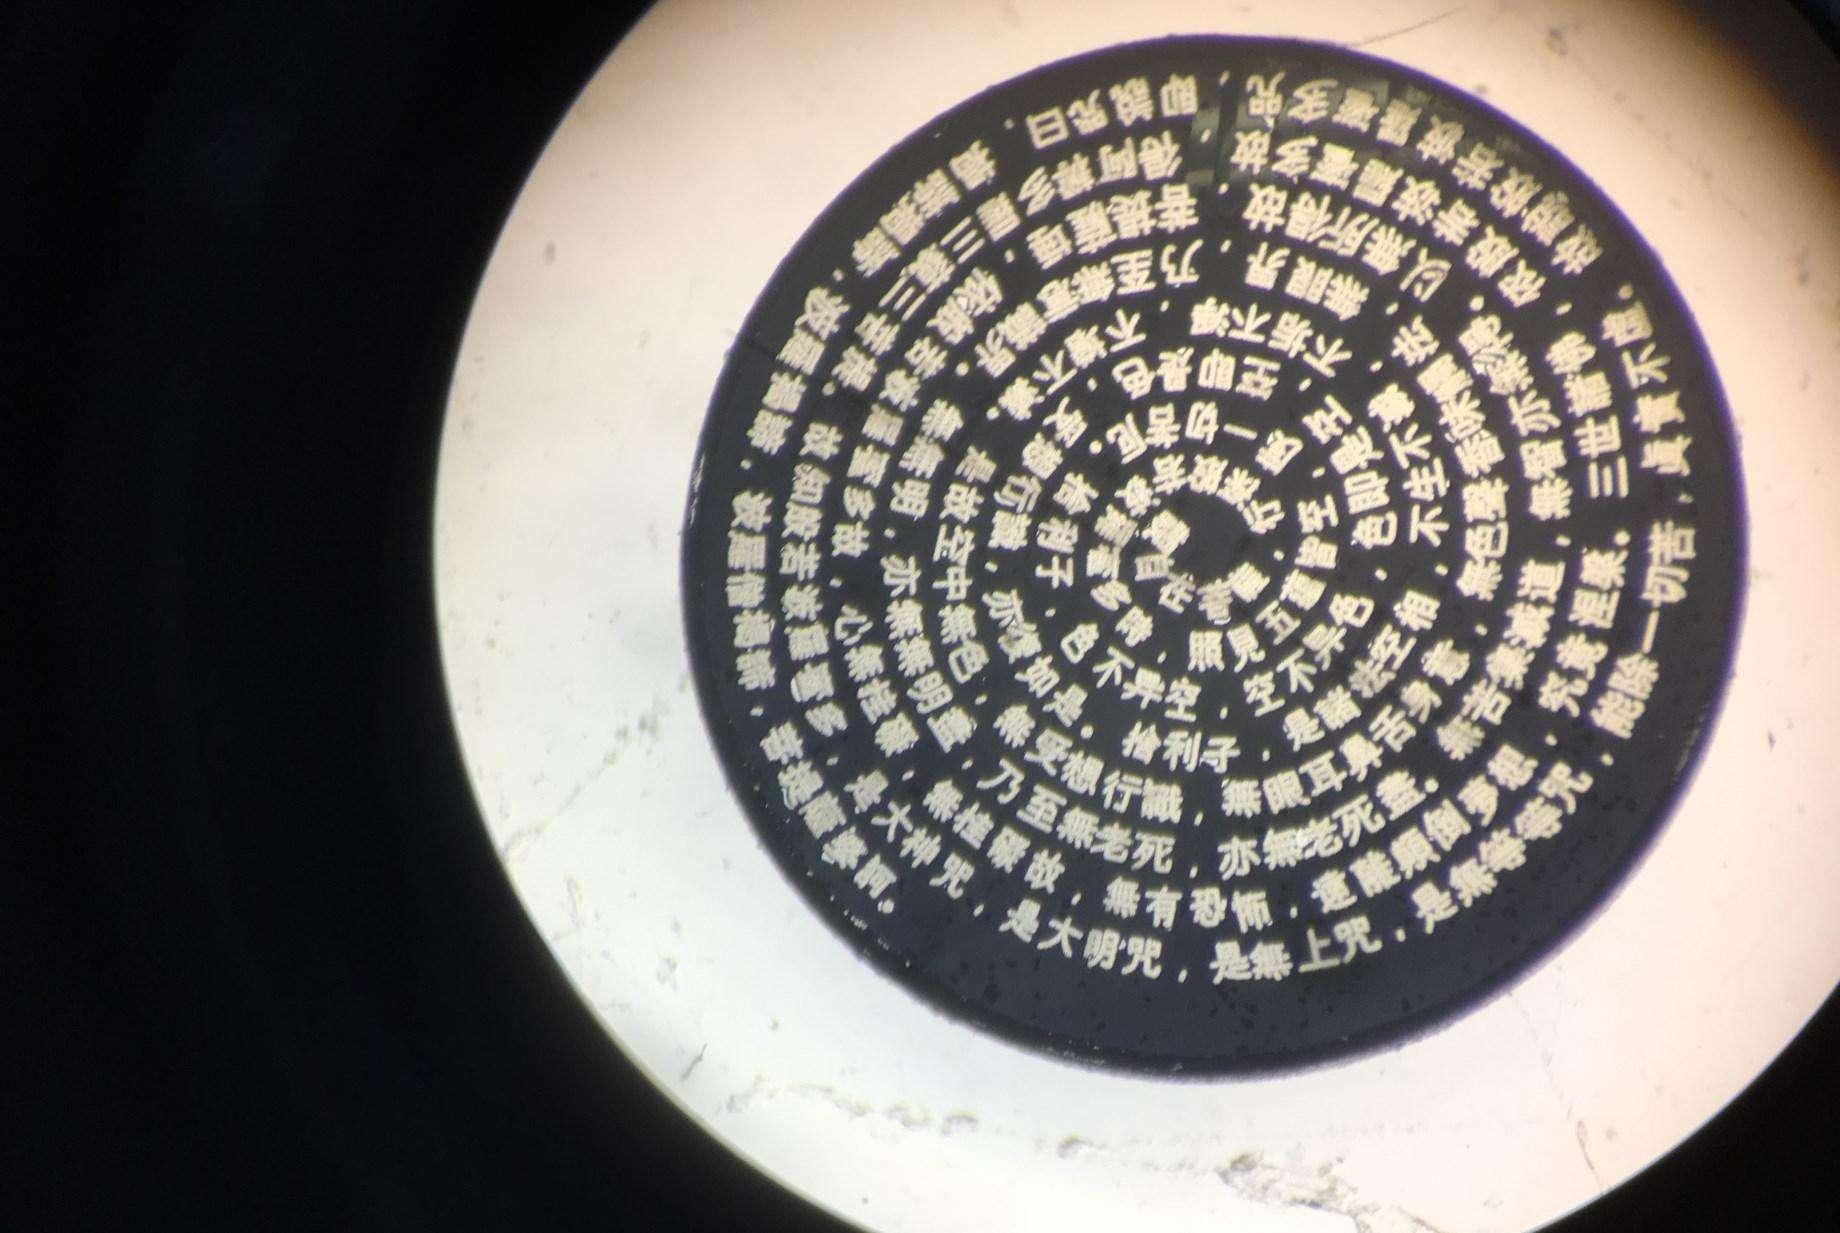 520納米微雕項鏈微雕芯片高清柱體納米微雕石頭刻字設備 3